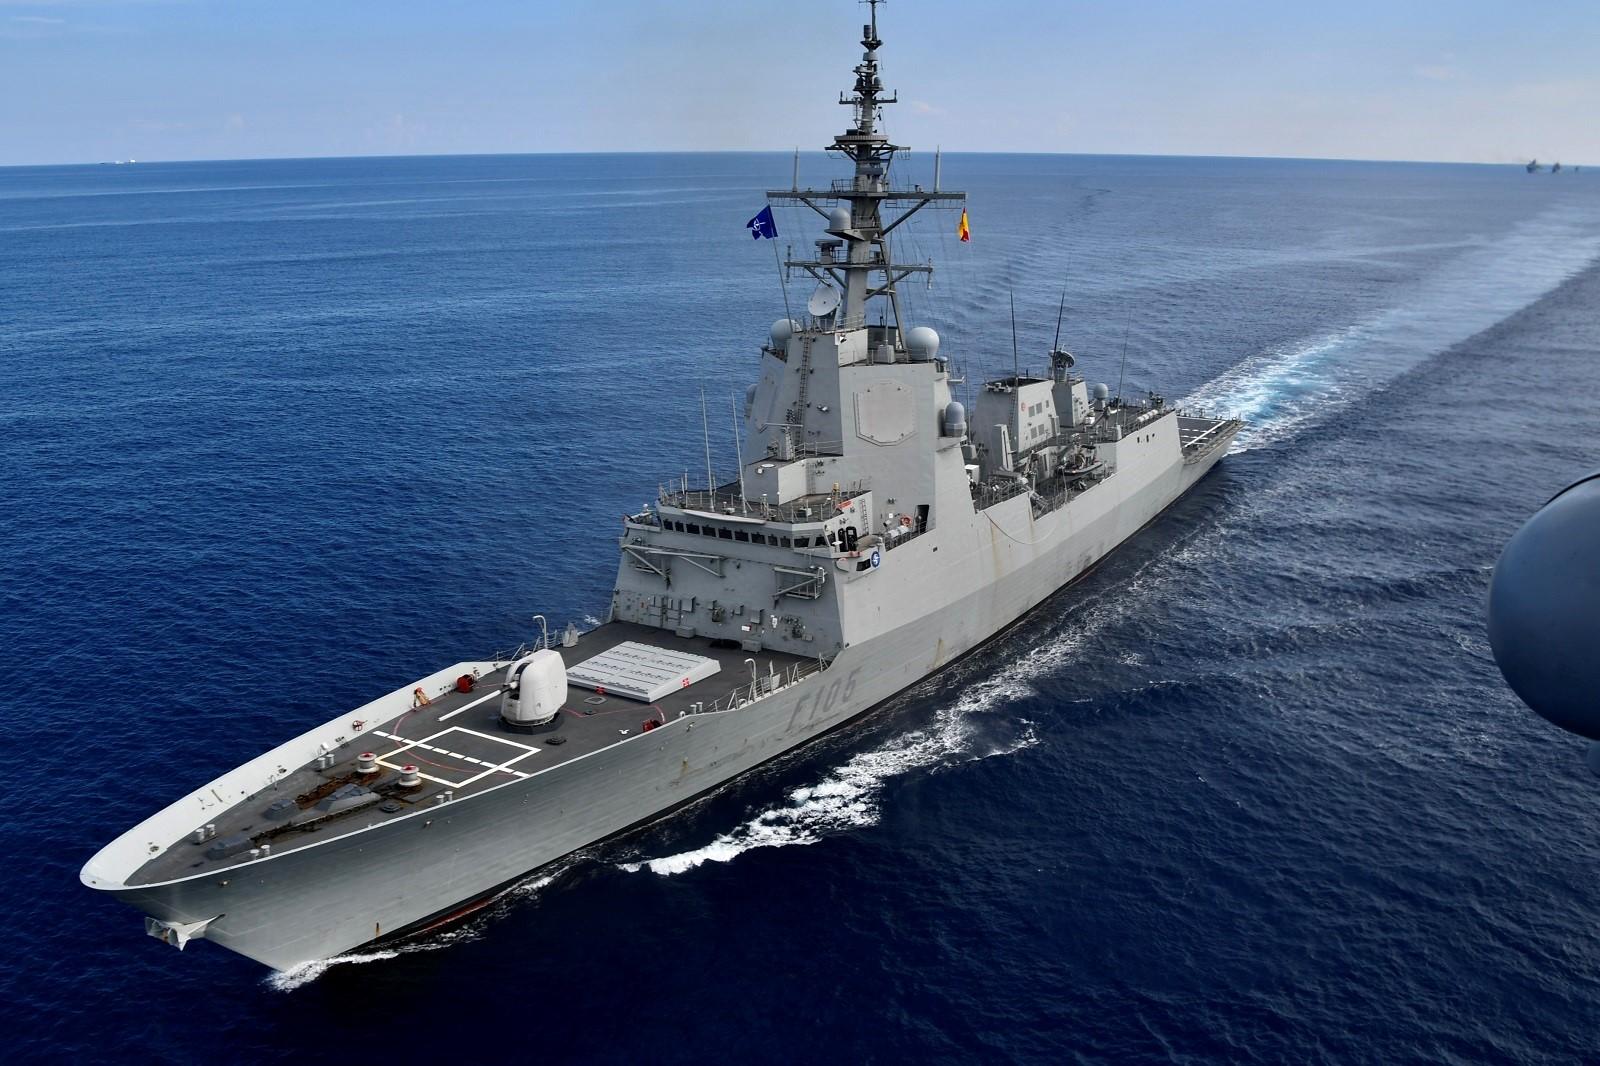 https://emad.defensa.gob.es/en/Galerias/operaciones/35-OTAN-Grupos-navales-permanentes/img/201218-cristobal-colon-navidad-ferrol-01.jpg